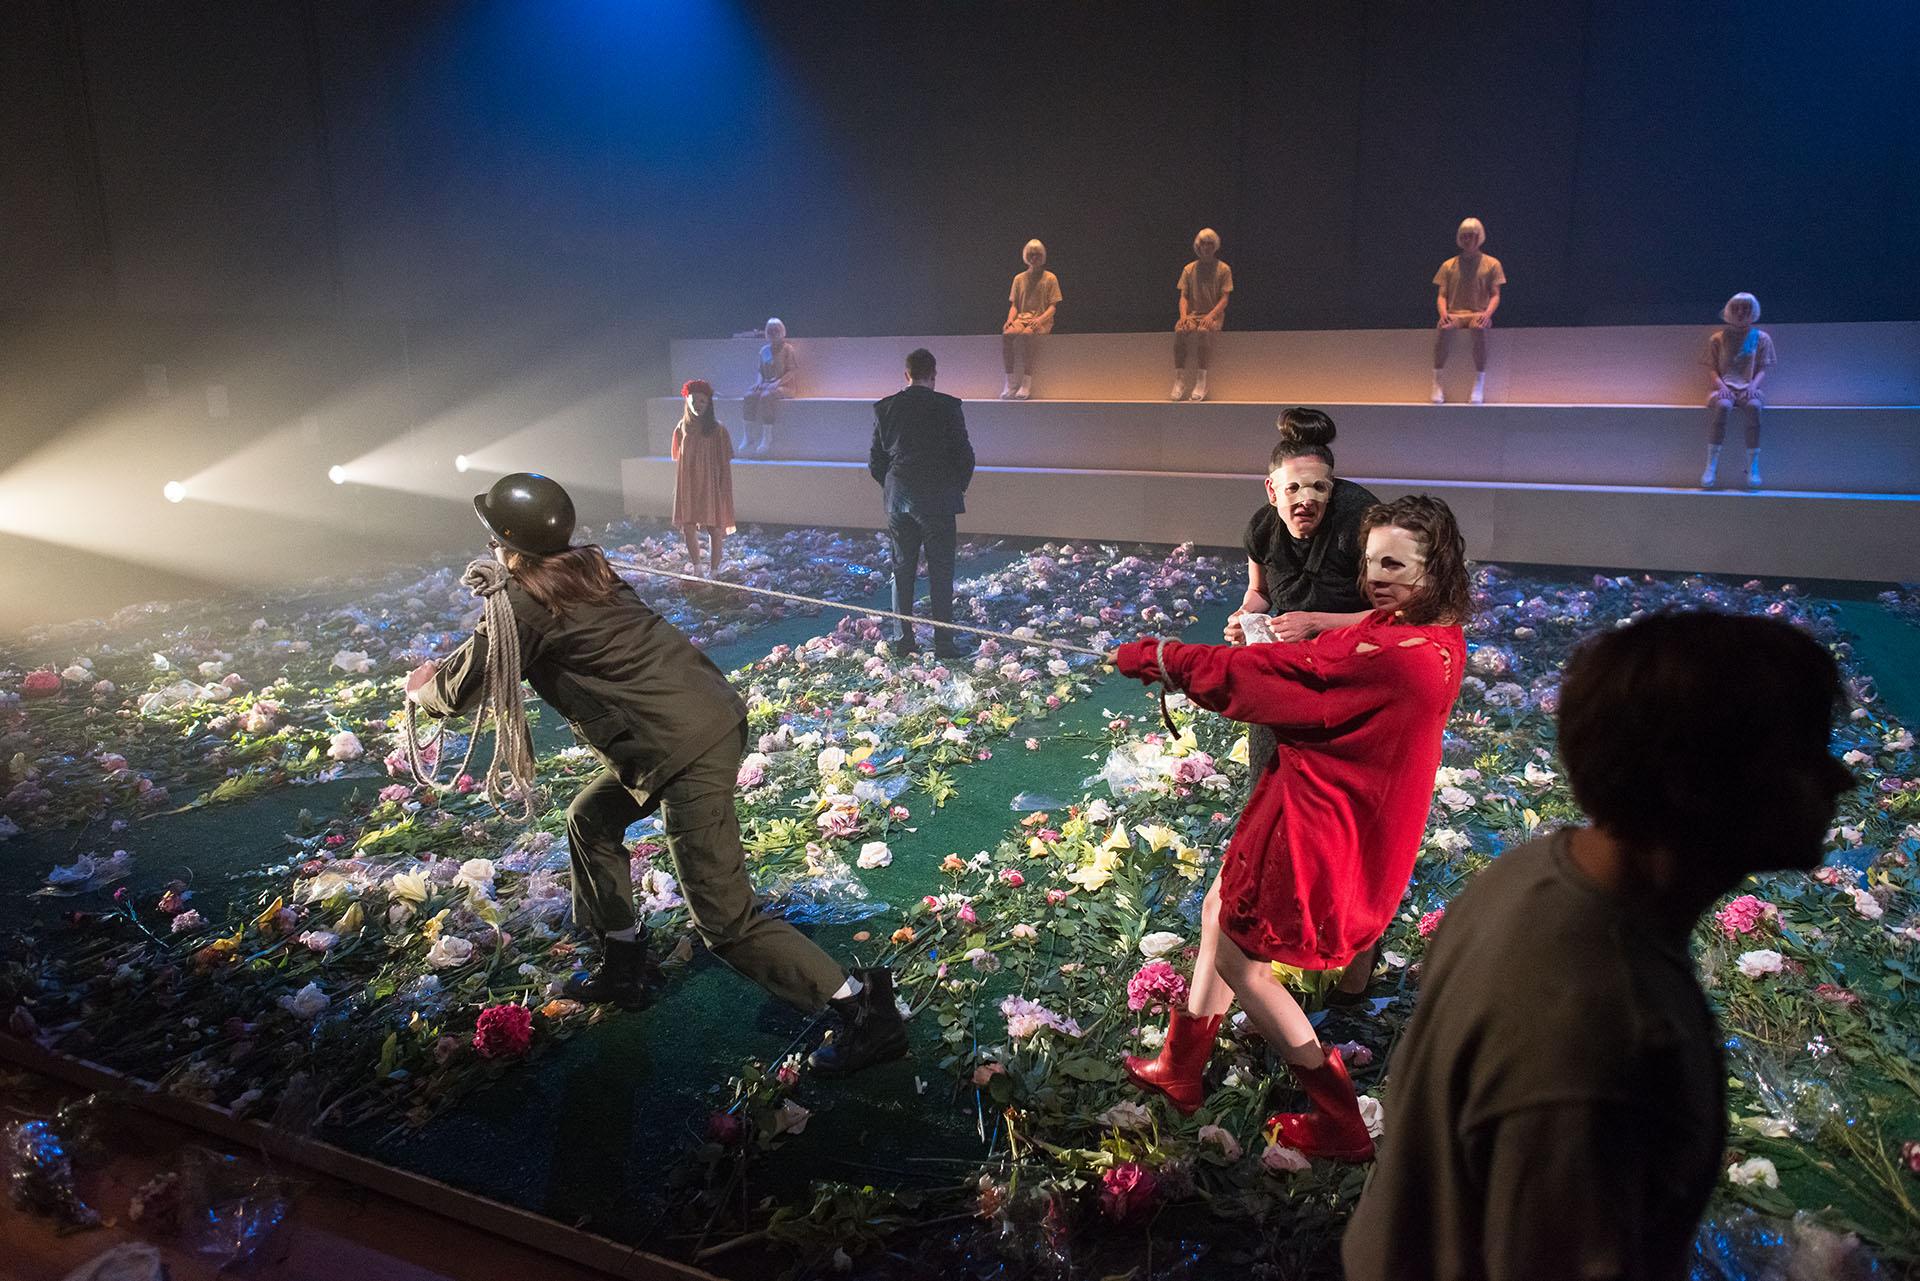 Antigone | Eline Arbo | Anouk van Kolfschoten | Scenography | de Theaterschool | Robert van der Ree photography | theaterfotografie | theater photography | theatre photography